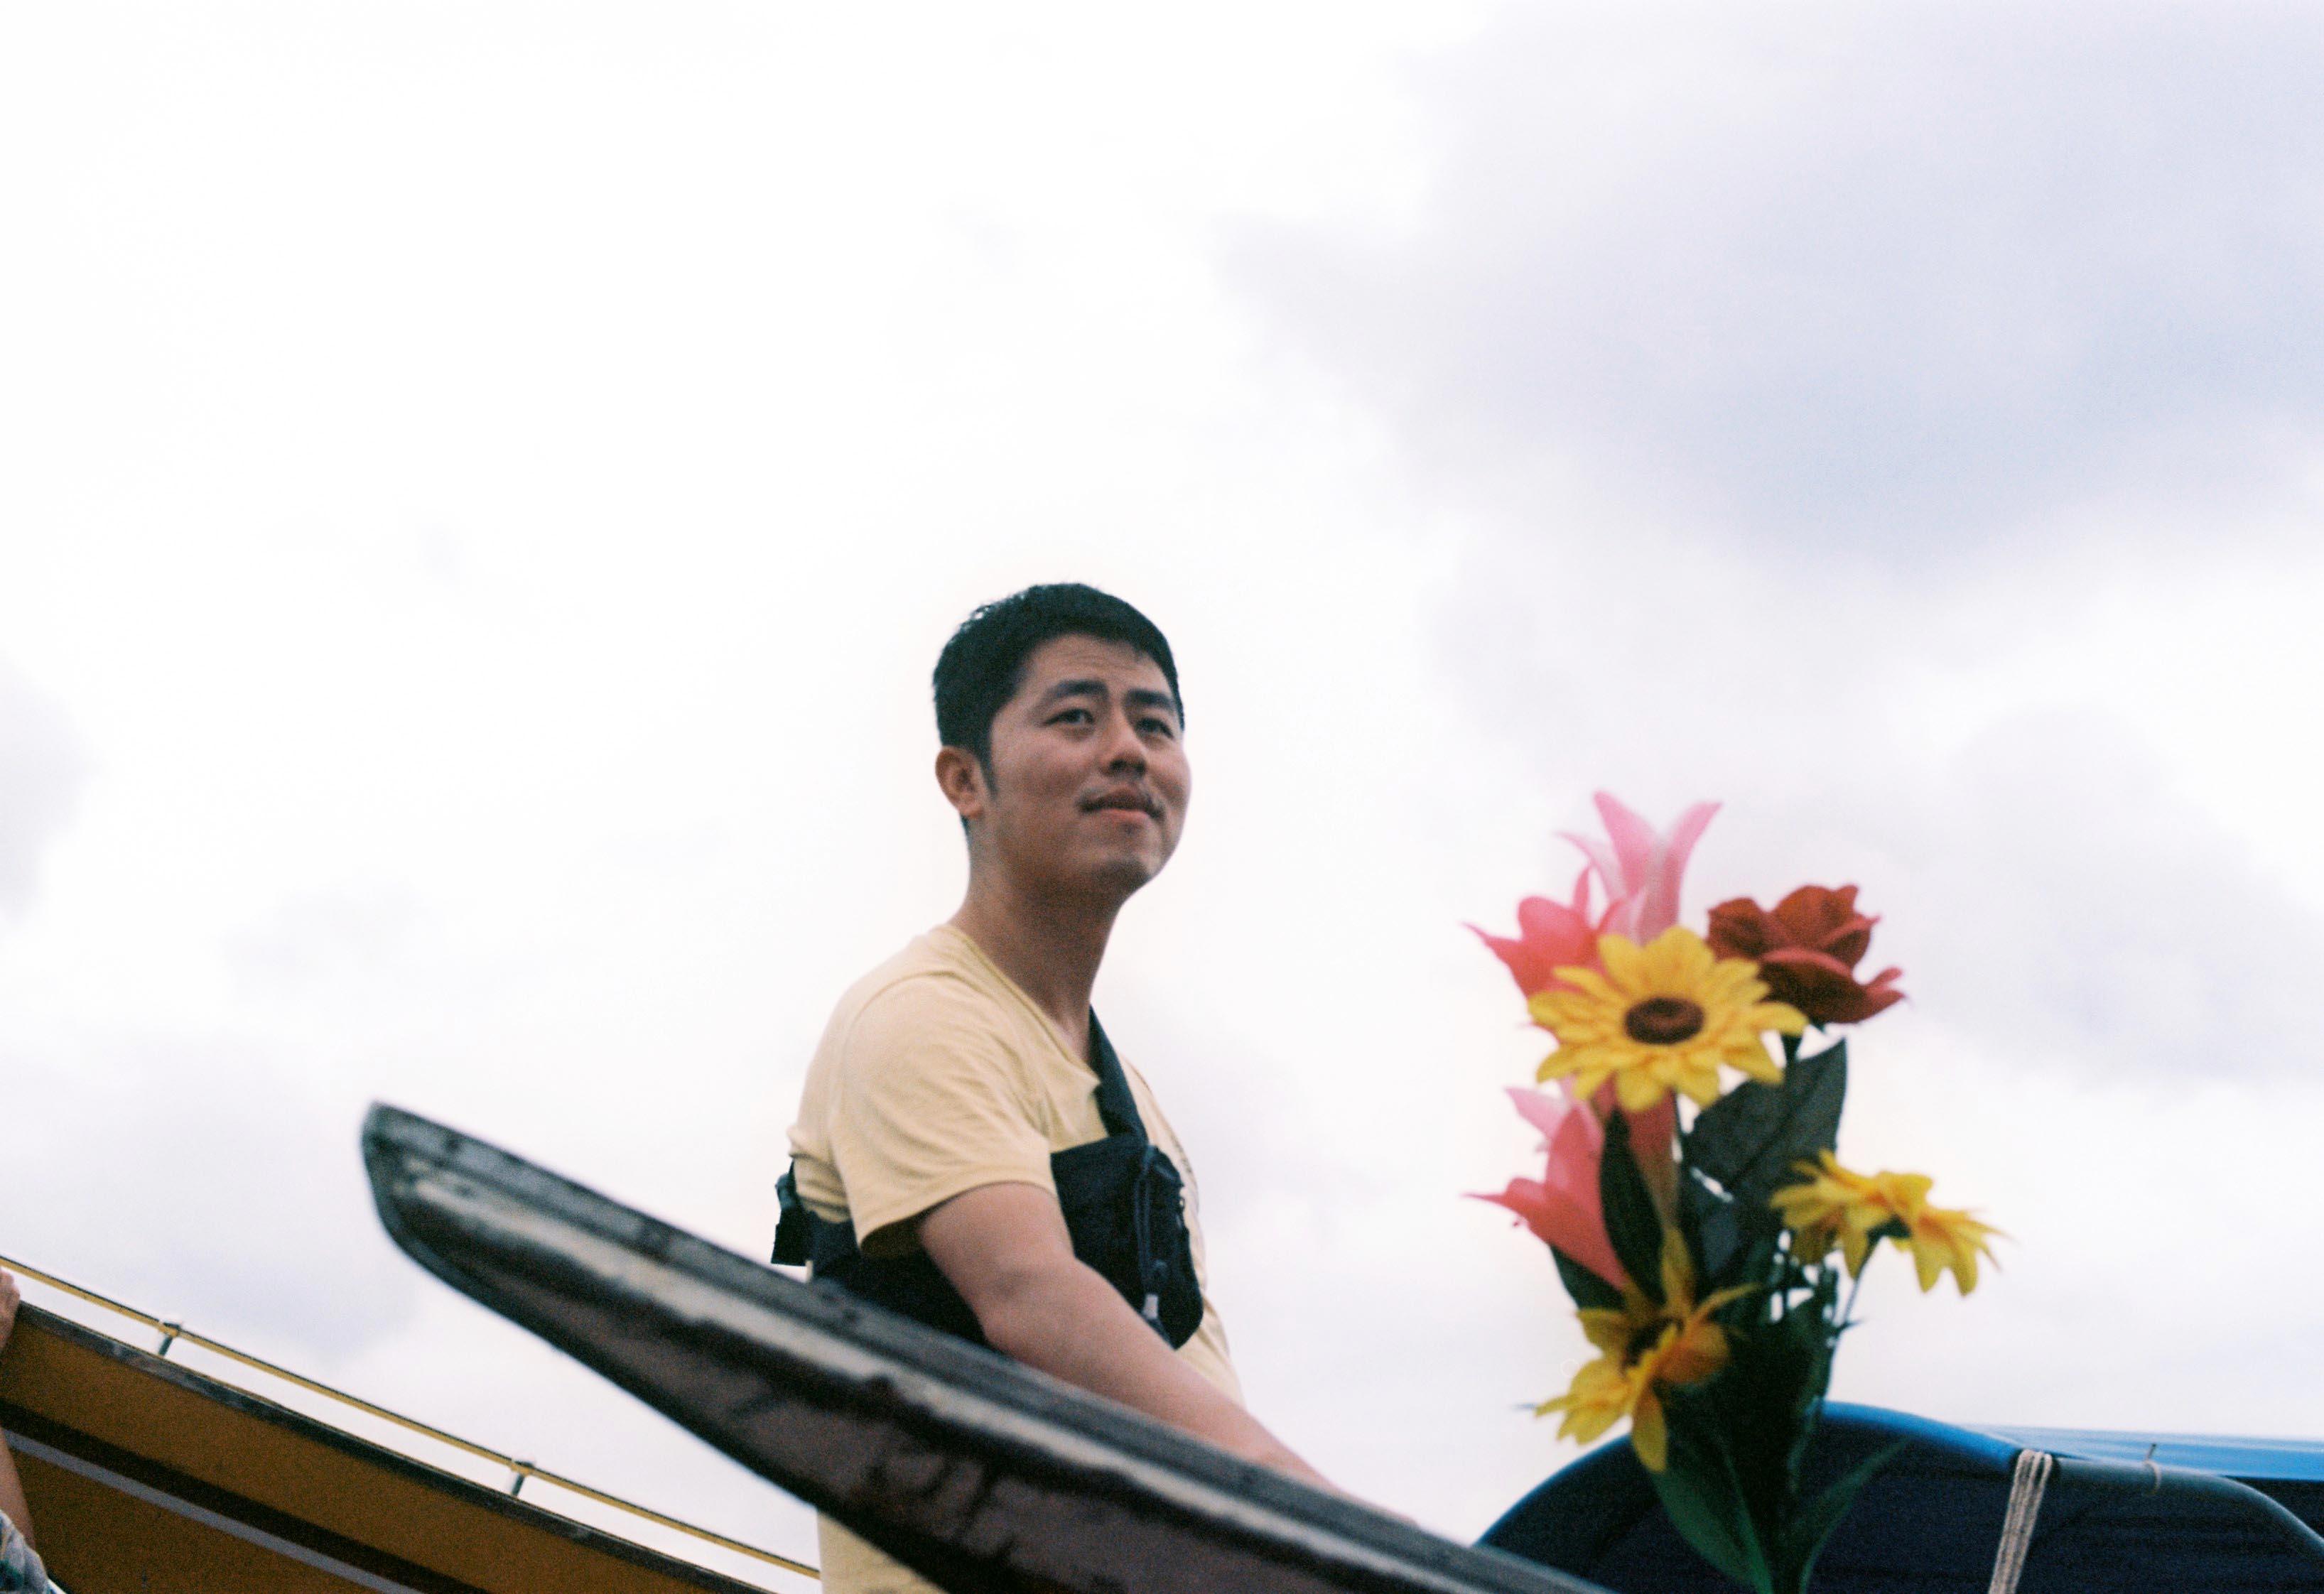 走在节前@小志-菲林中文-独立胶片摄影门户!